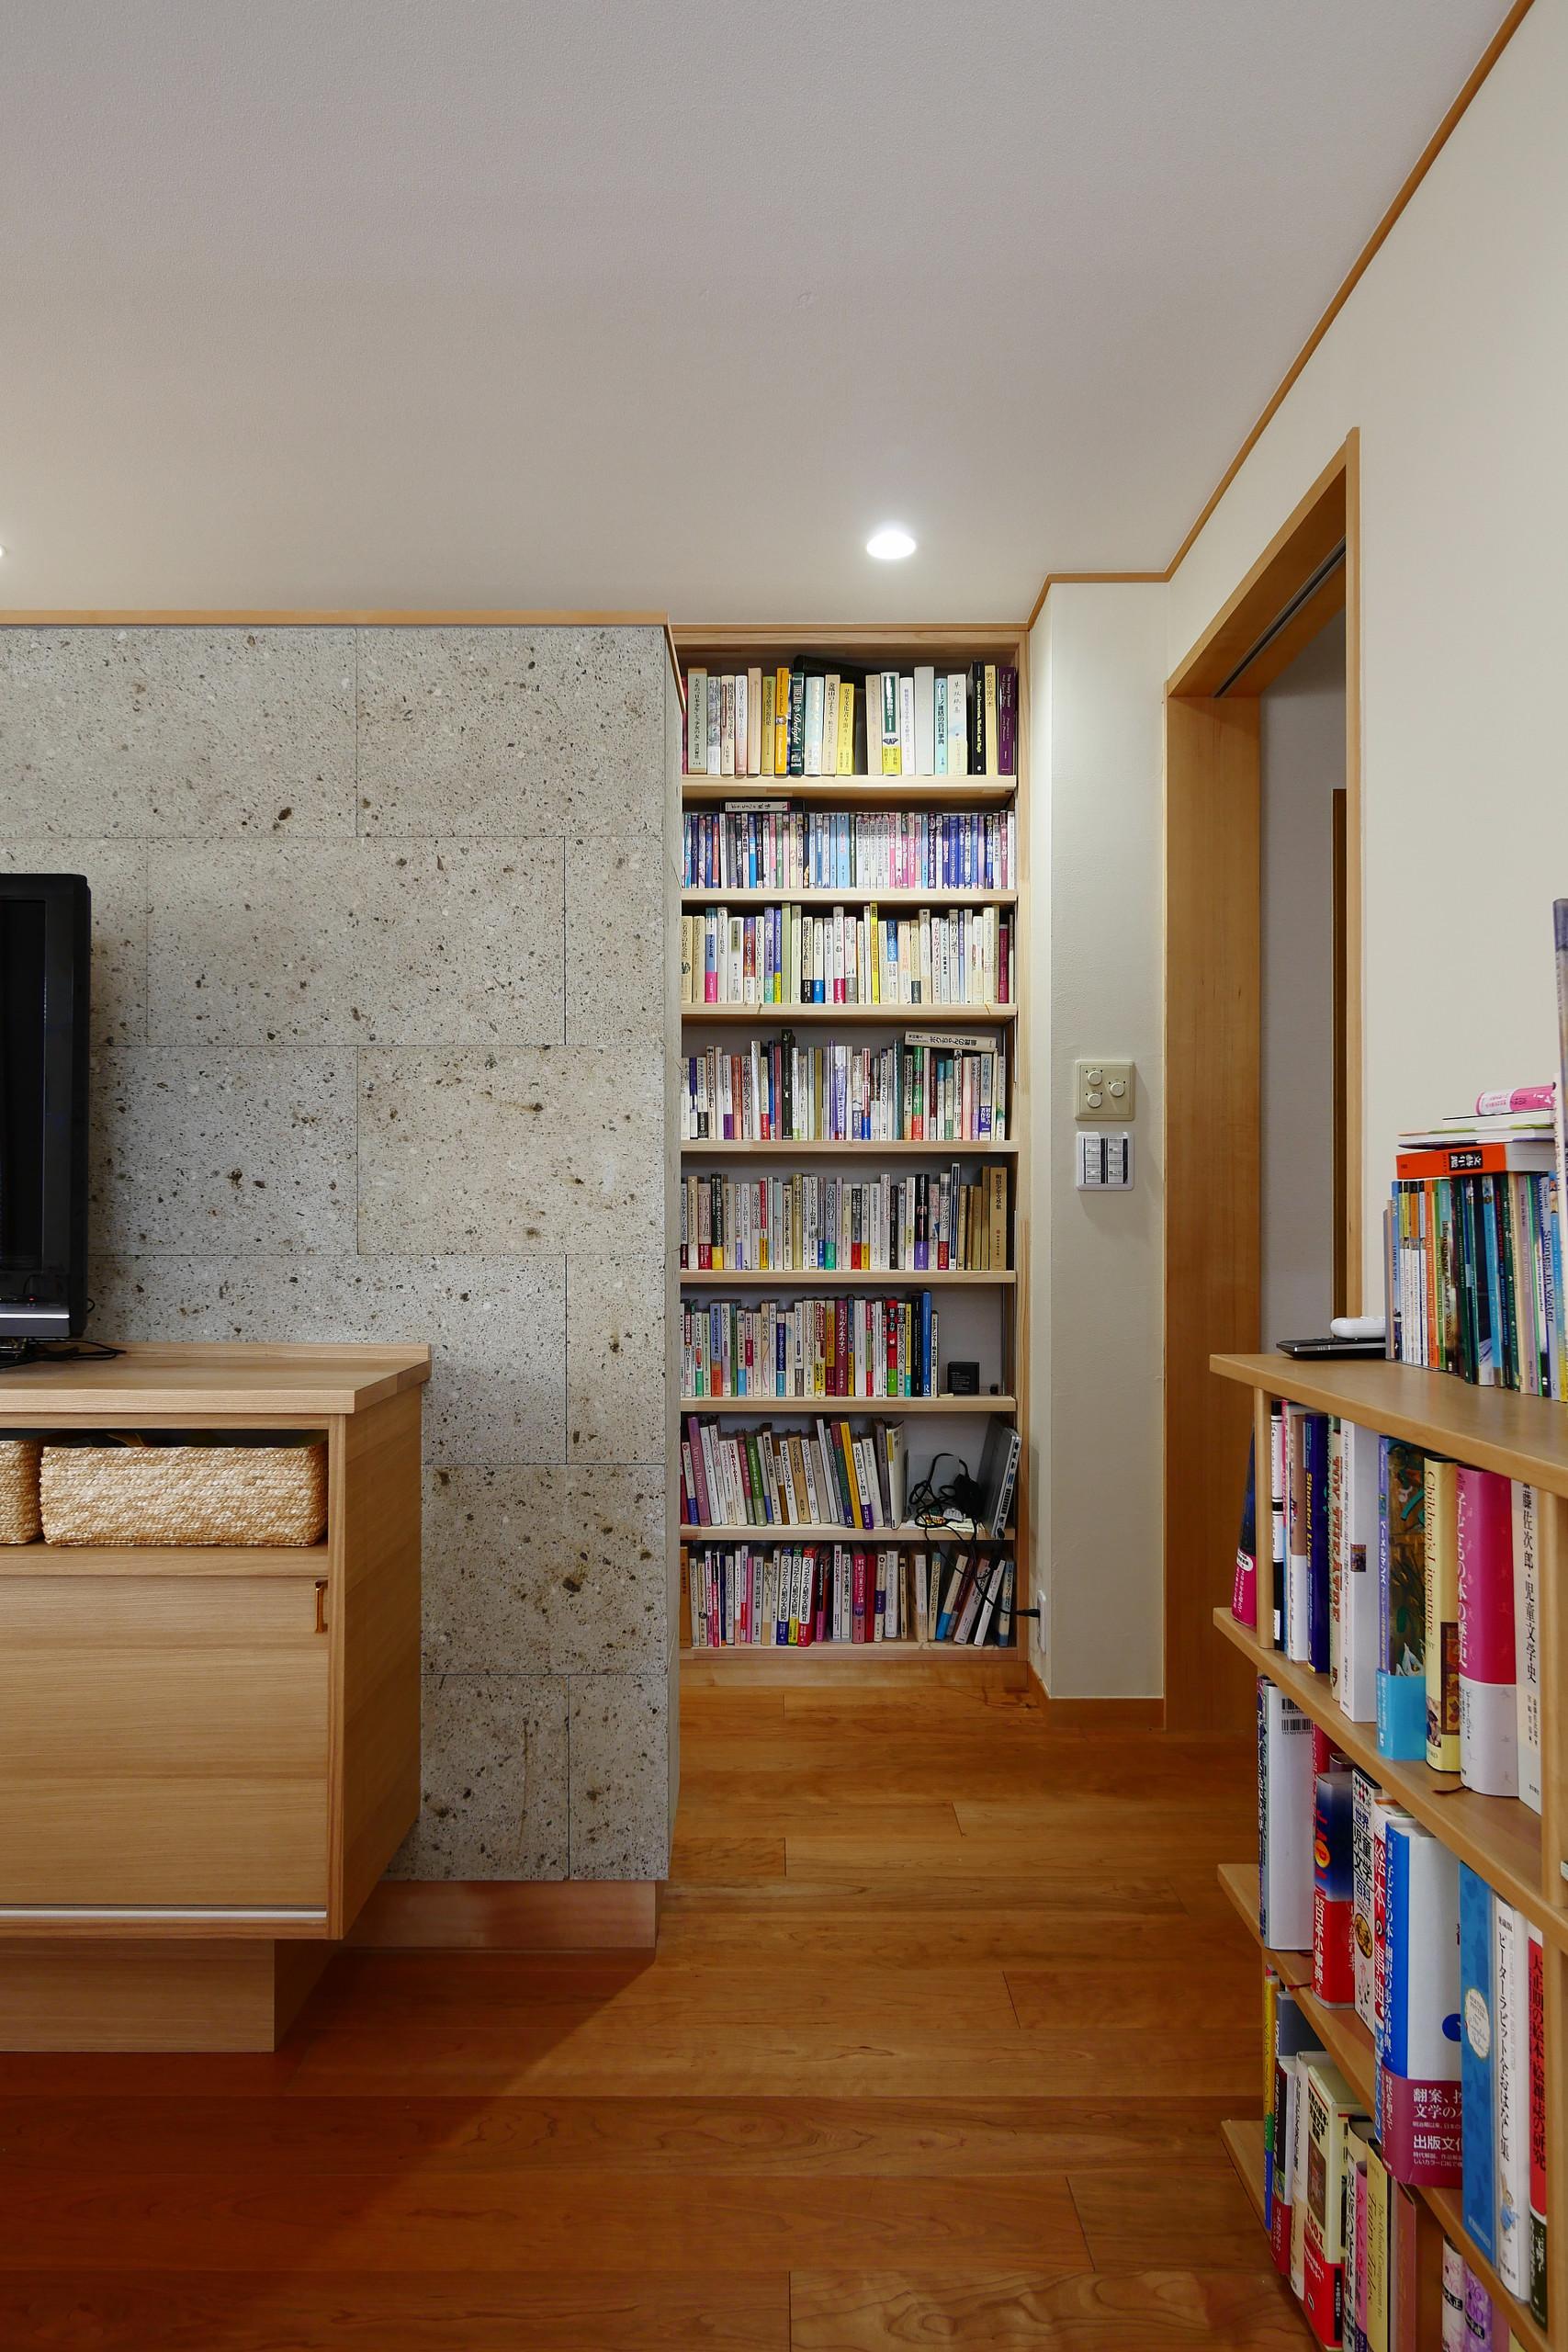 戸建リノベーション「SOHOと書庫のある家」の建築事例写真